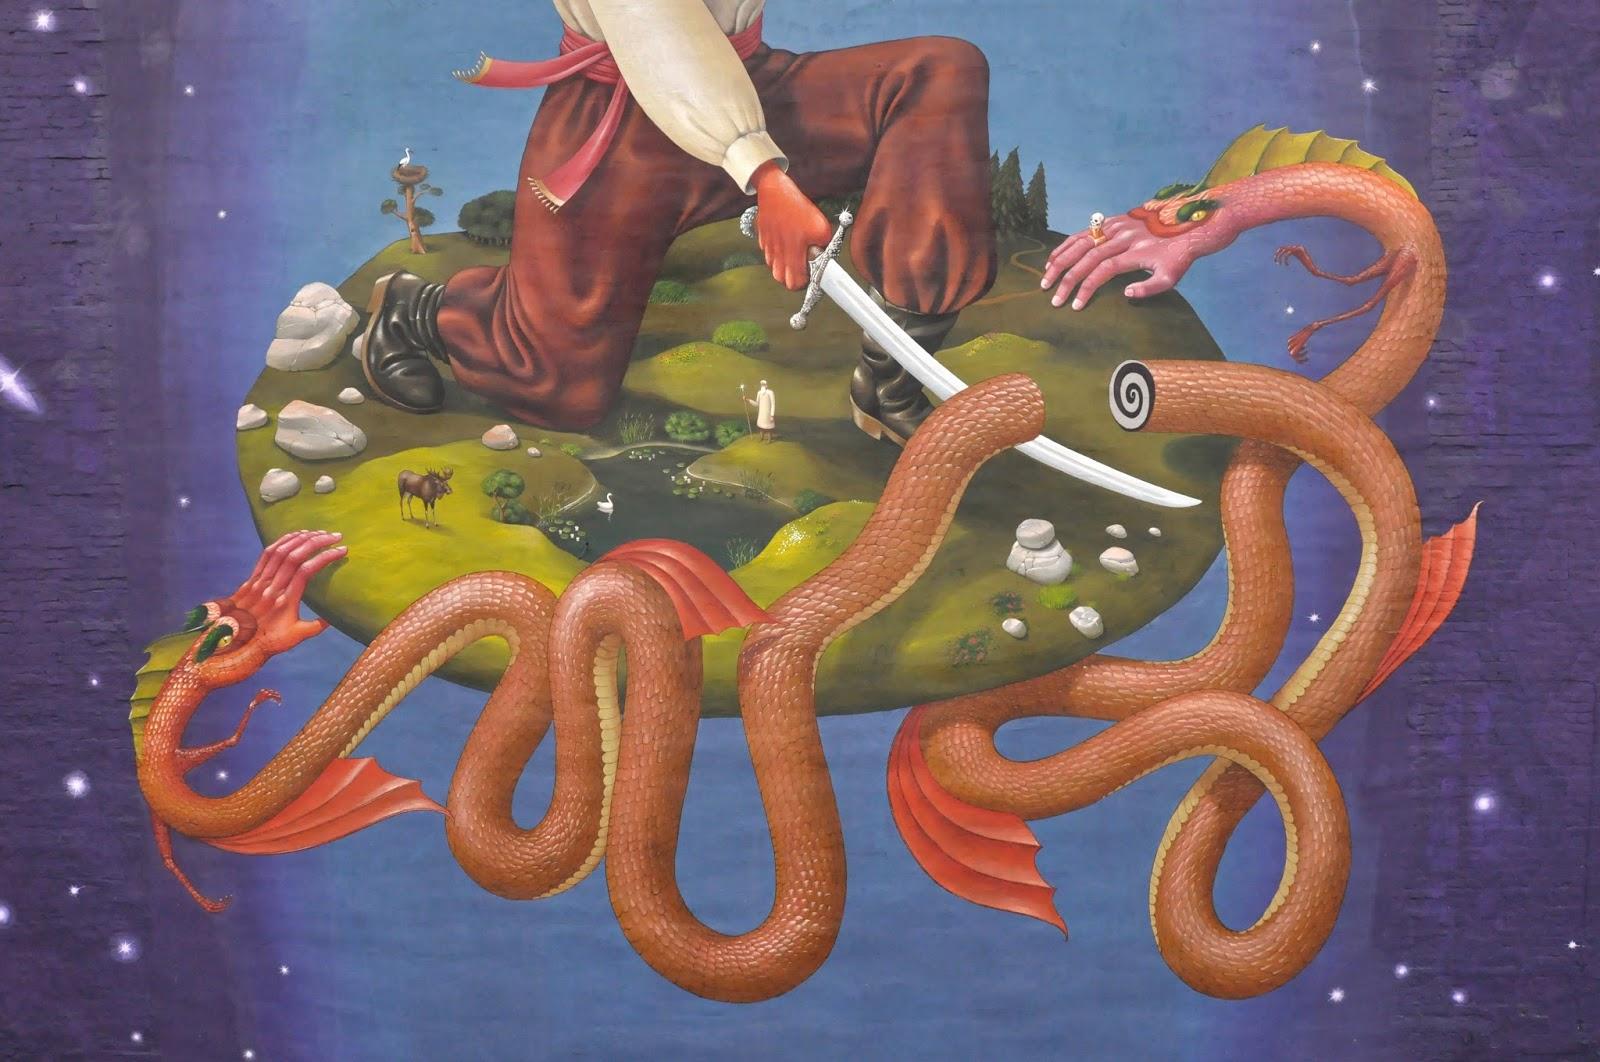 interesni-kazki-mural-in-kiew-ukraine-07